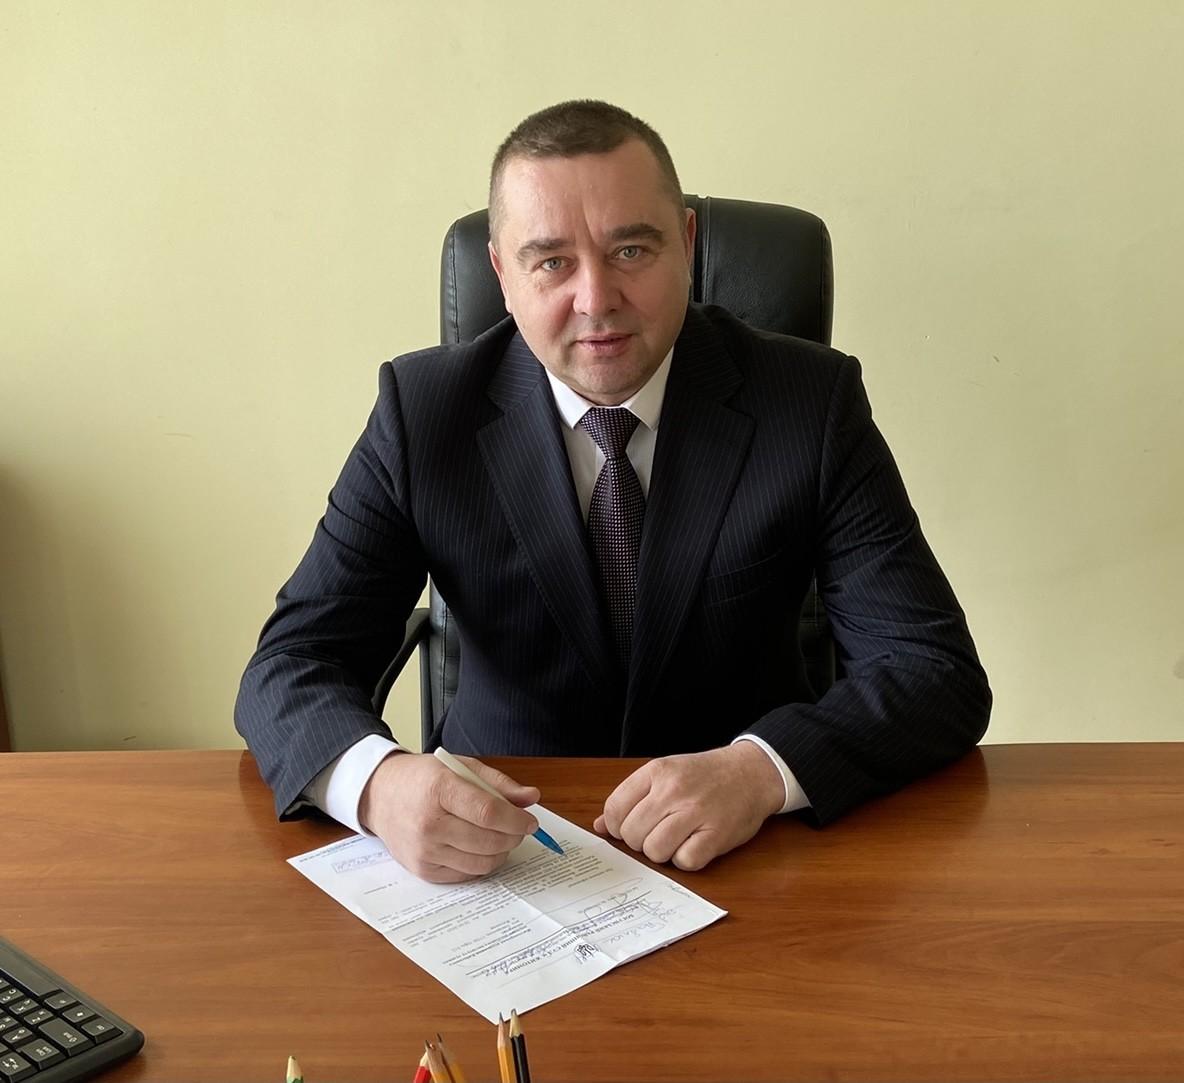 Умінський Олег Феліксович, завідувач Житомирського відділення КНДІСЕ